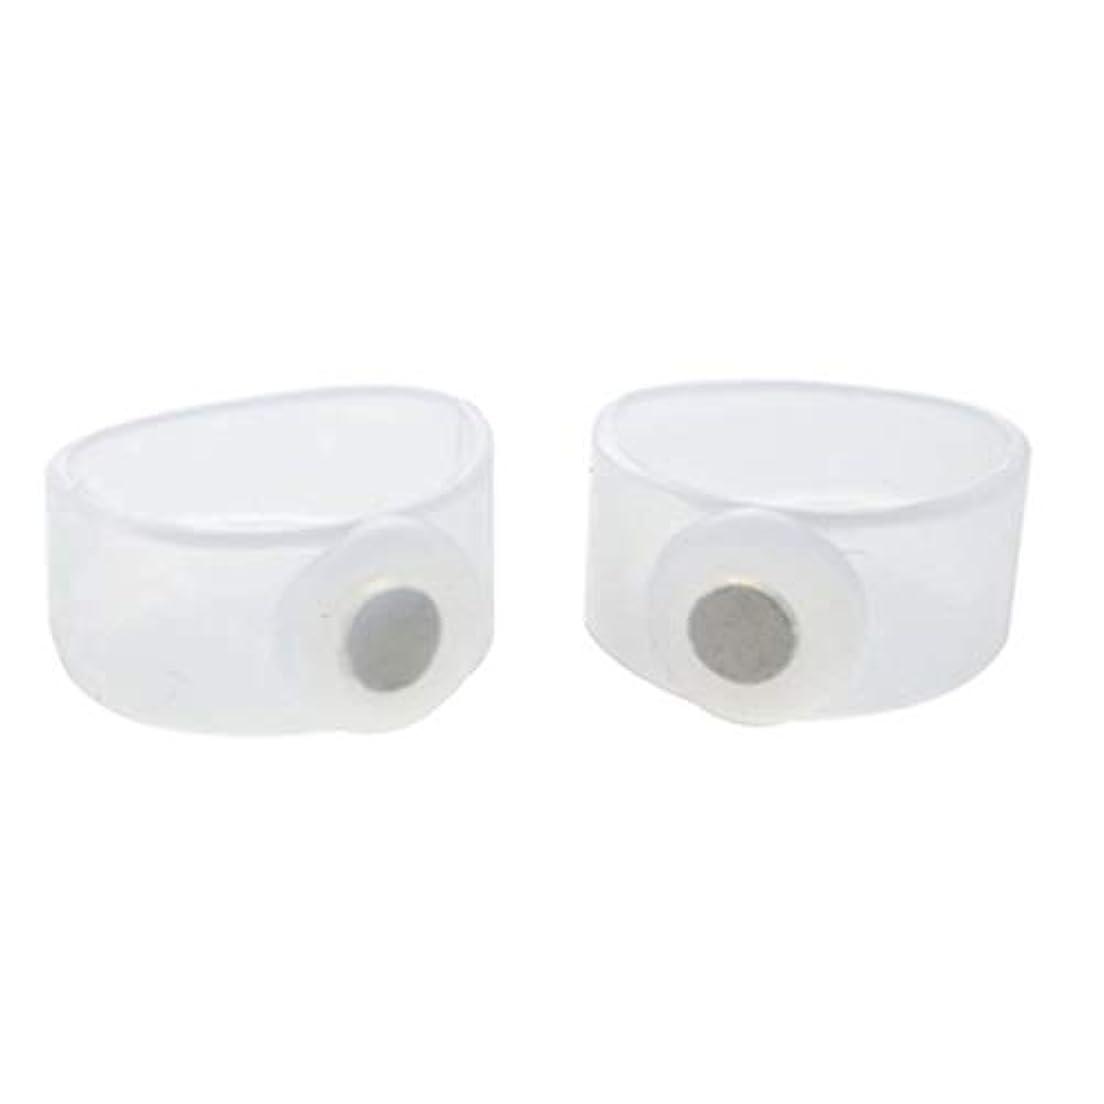 意志ベッドを作るネックレス2ピース痩身シリコン磁気フットマッサージャーマッサージリラックスつま先リング用減量ヘルスケアツール美容製品 - 透明